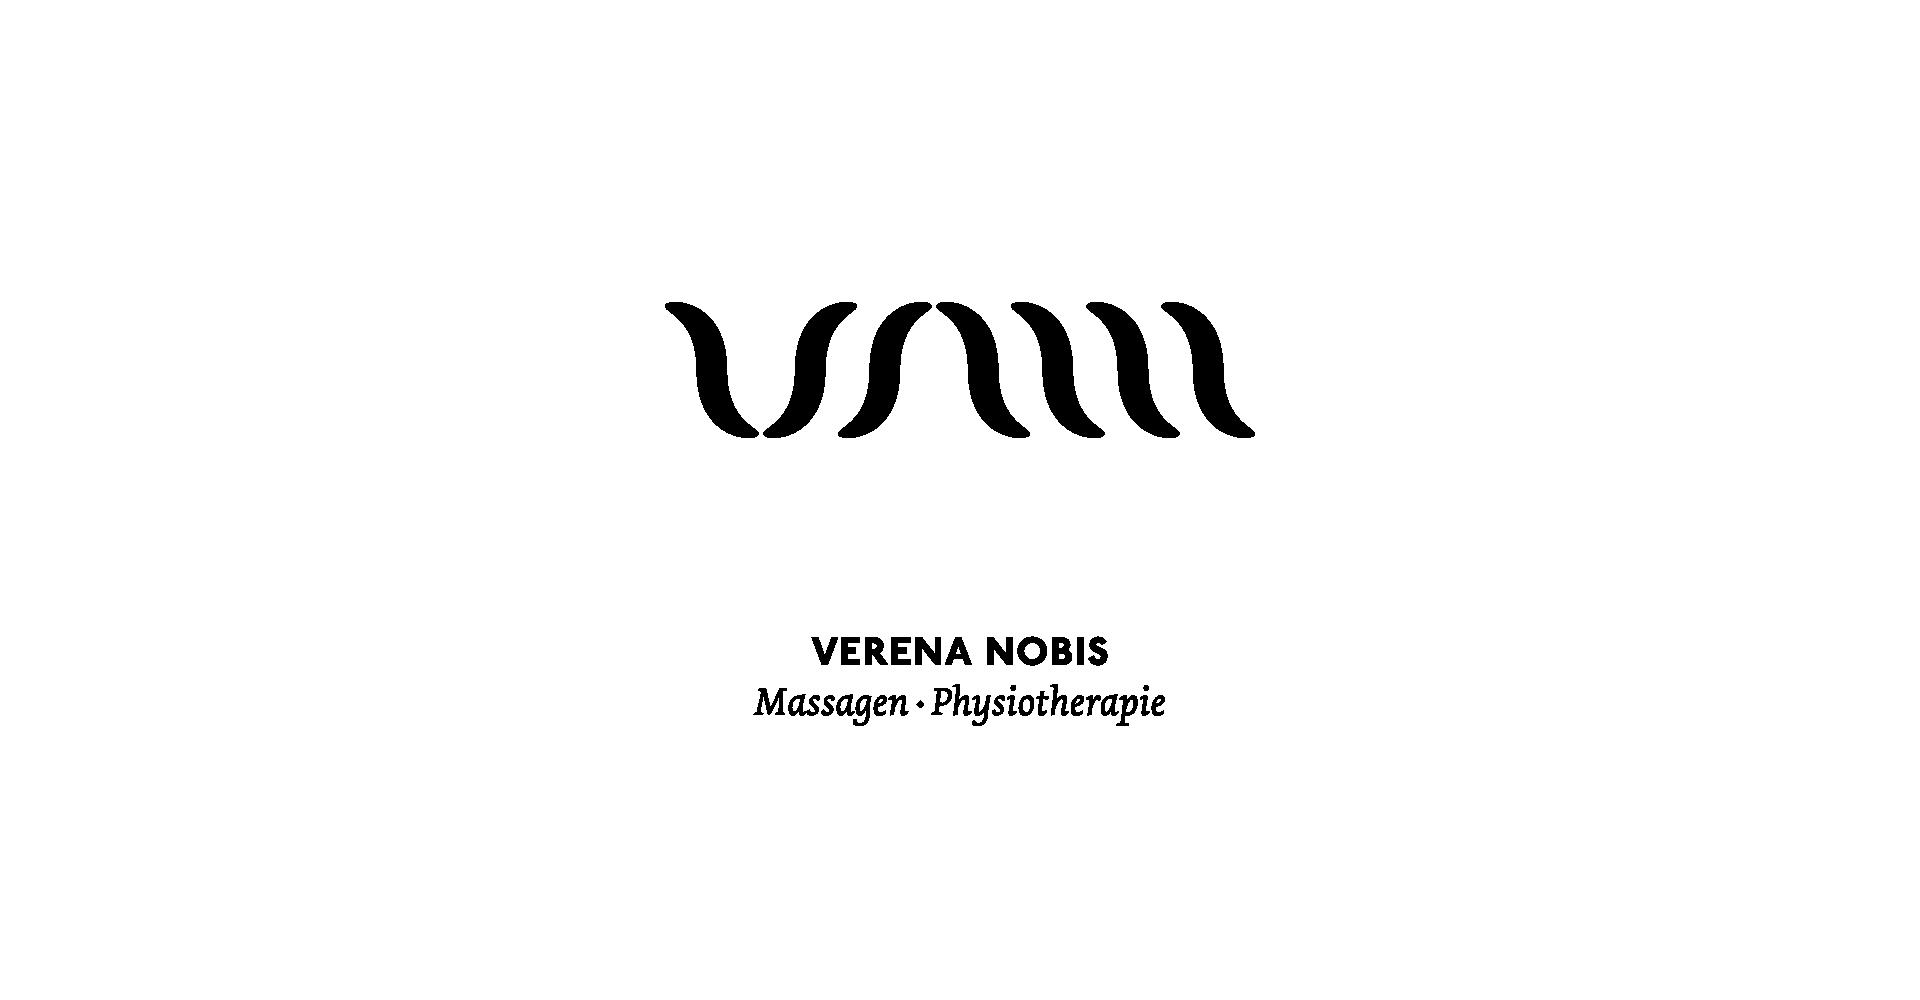 logo_full_15